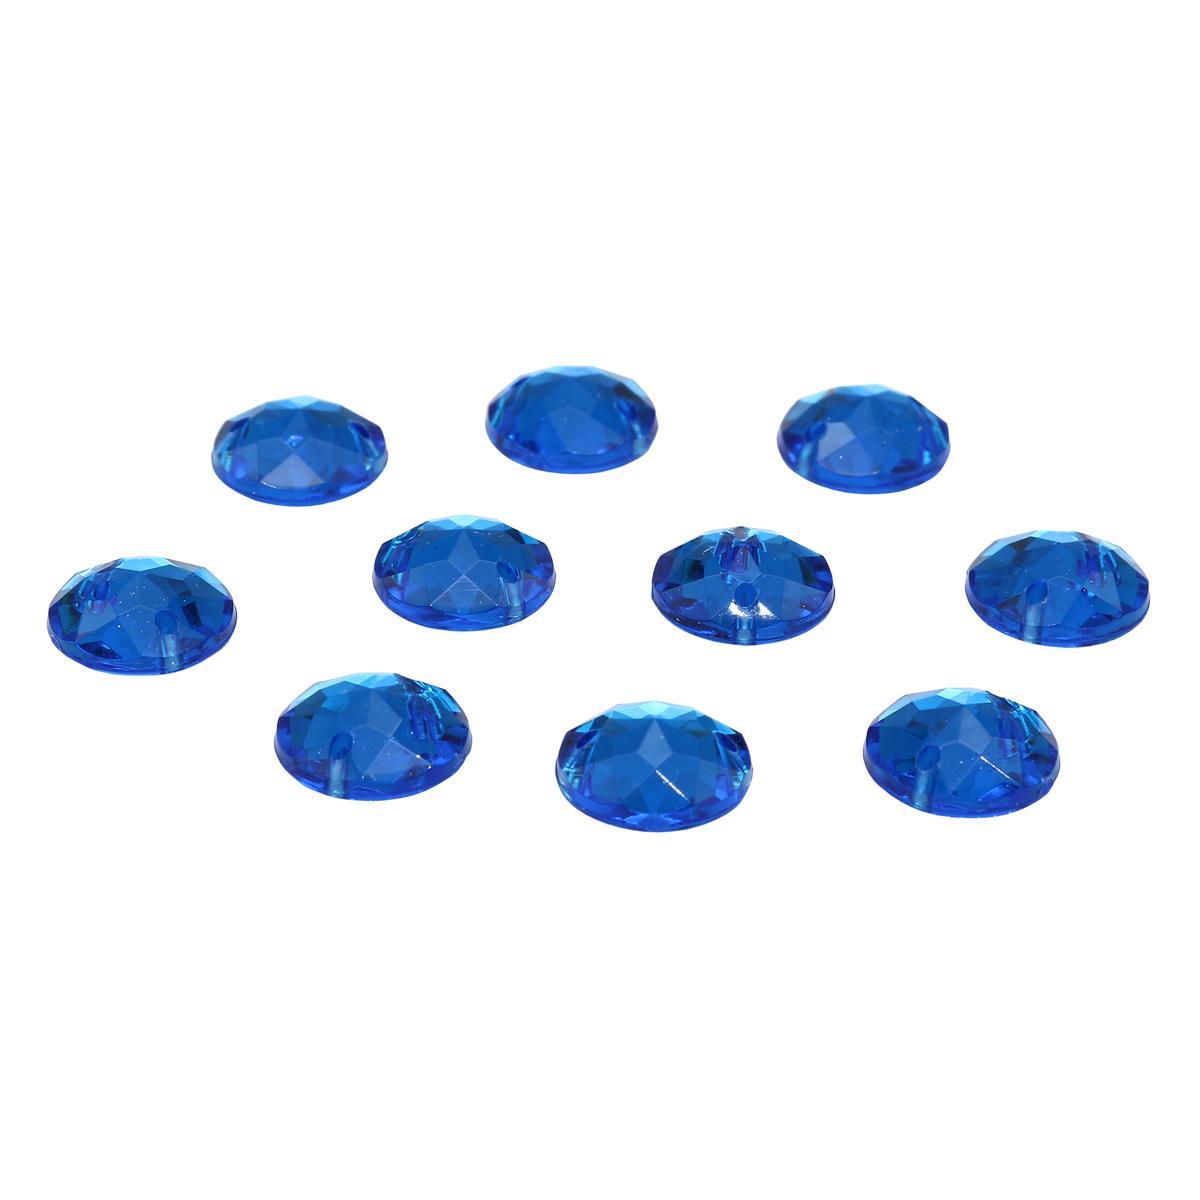 ACRT-M008 Стразы пришивные, акриловые, круглые 10мм, 10шт/упак